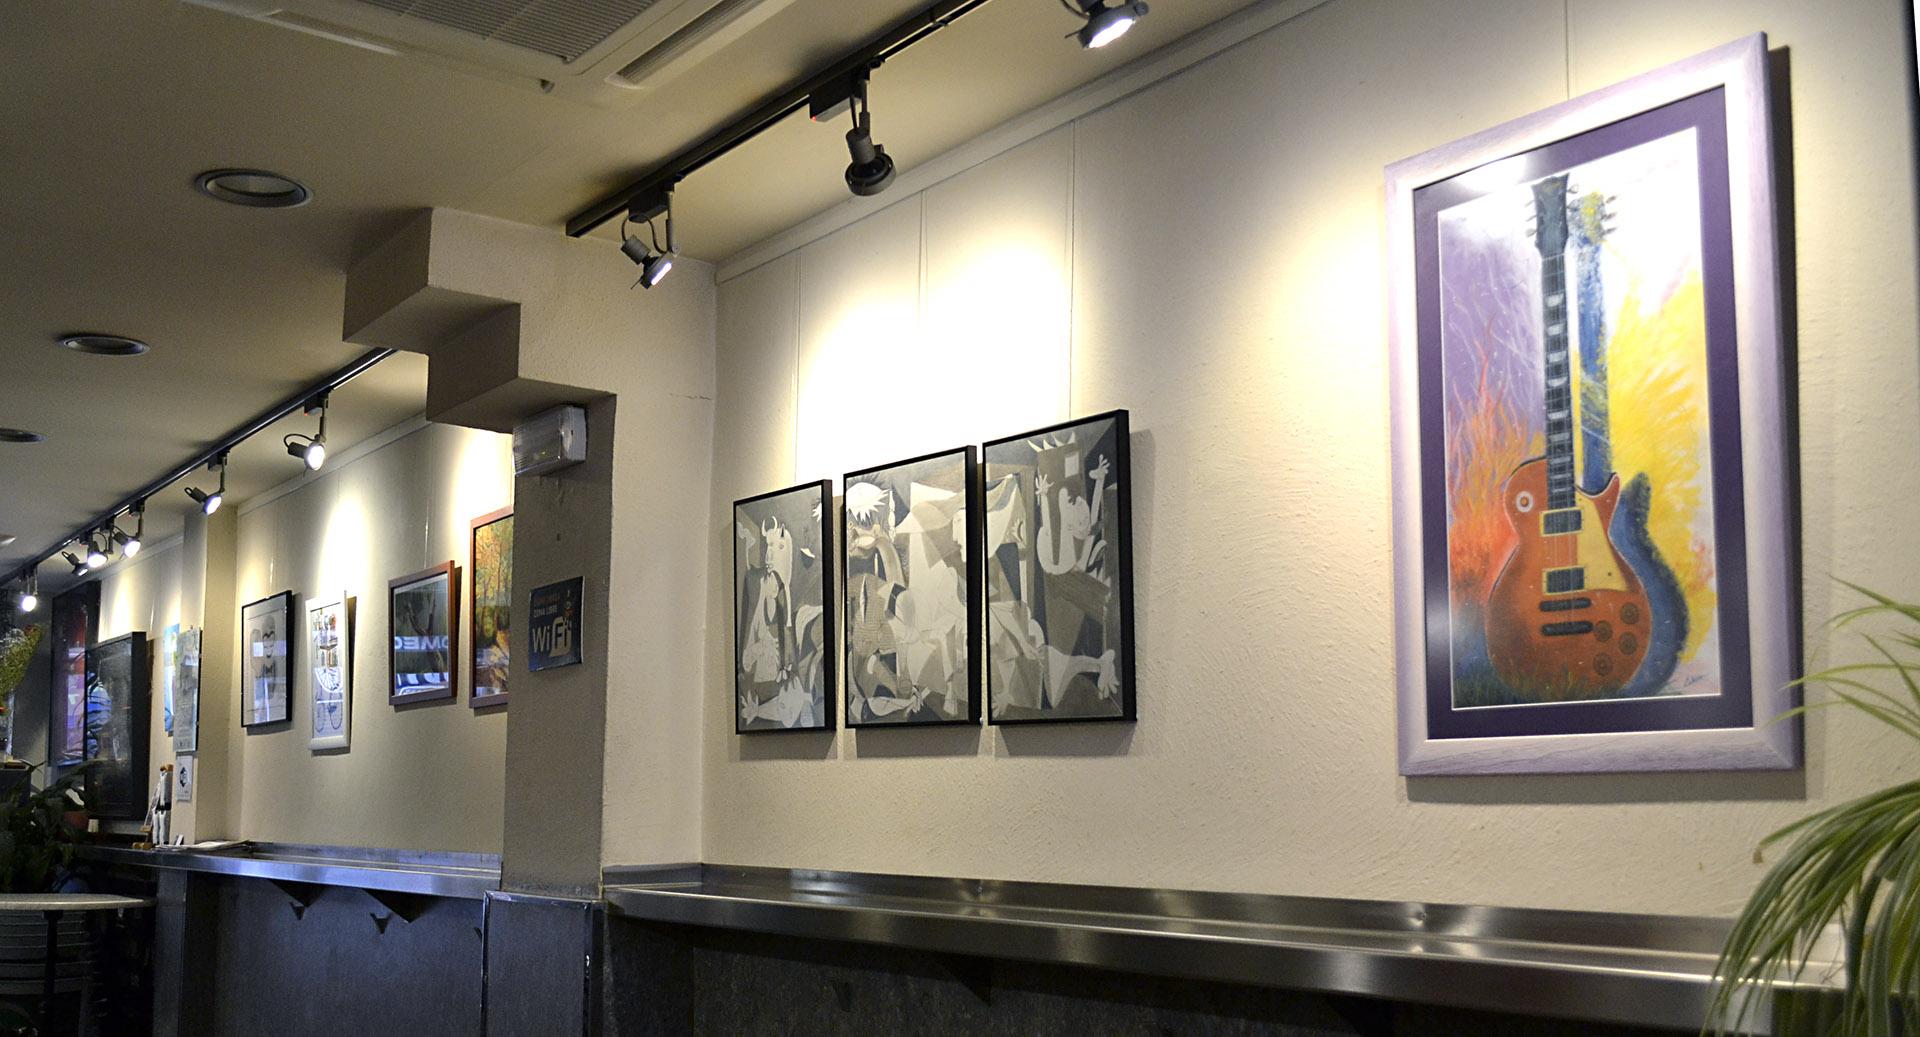 Exposición de alumnos Bar Gartxot, febrero y marzo 2018. Taller Aceña - Olmedo